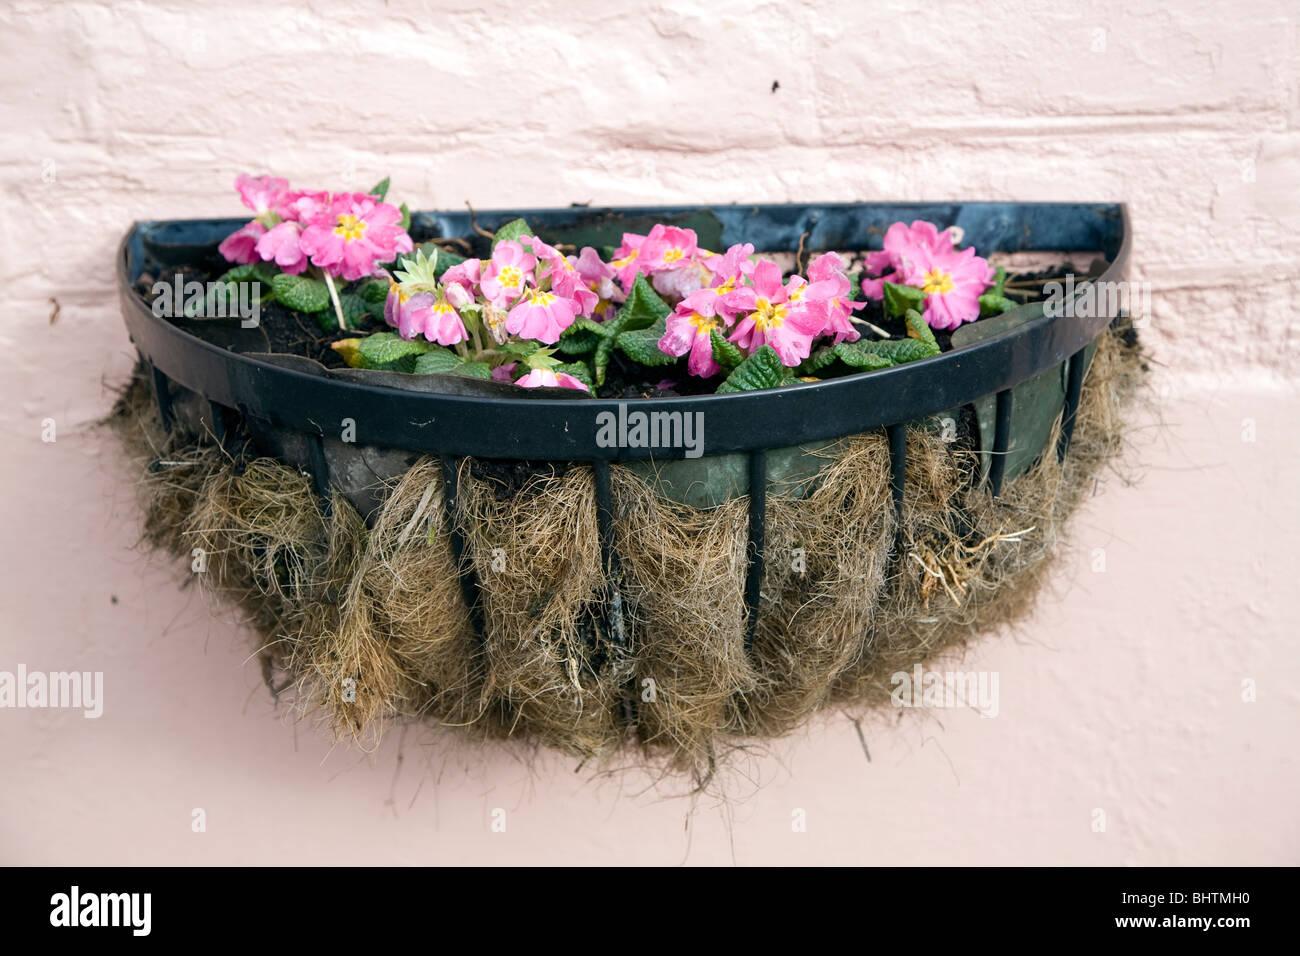 Hanging basket flower box pink wall - Stock Image